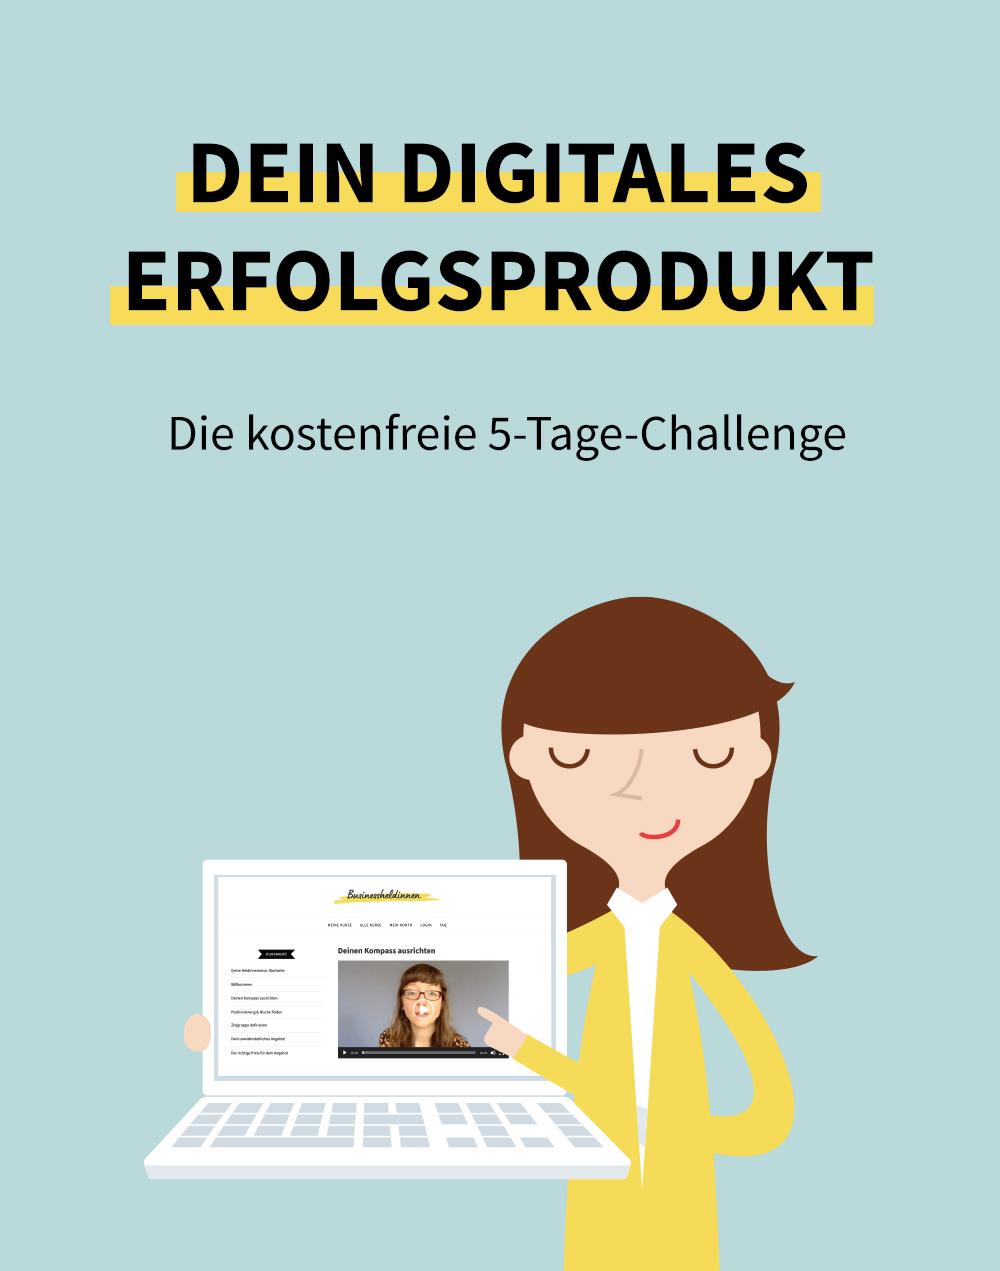 Onlinebusiness Workshop